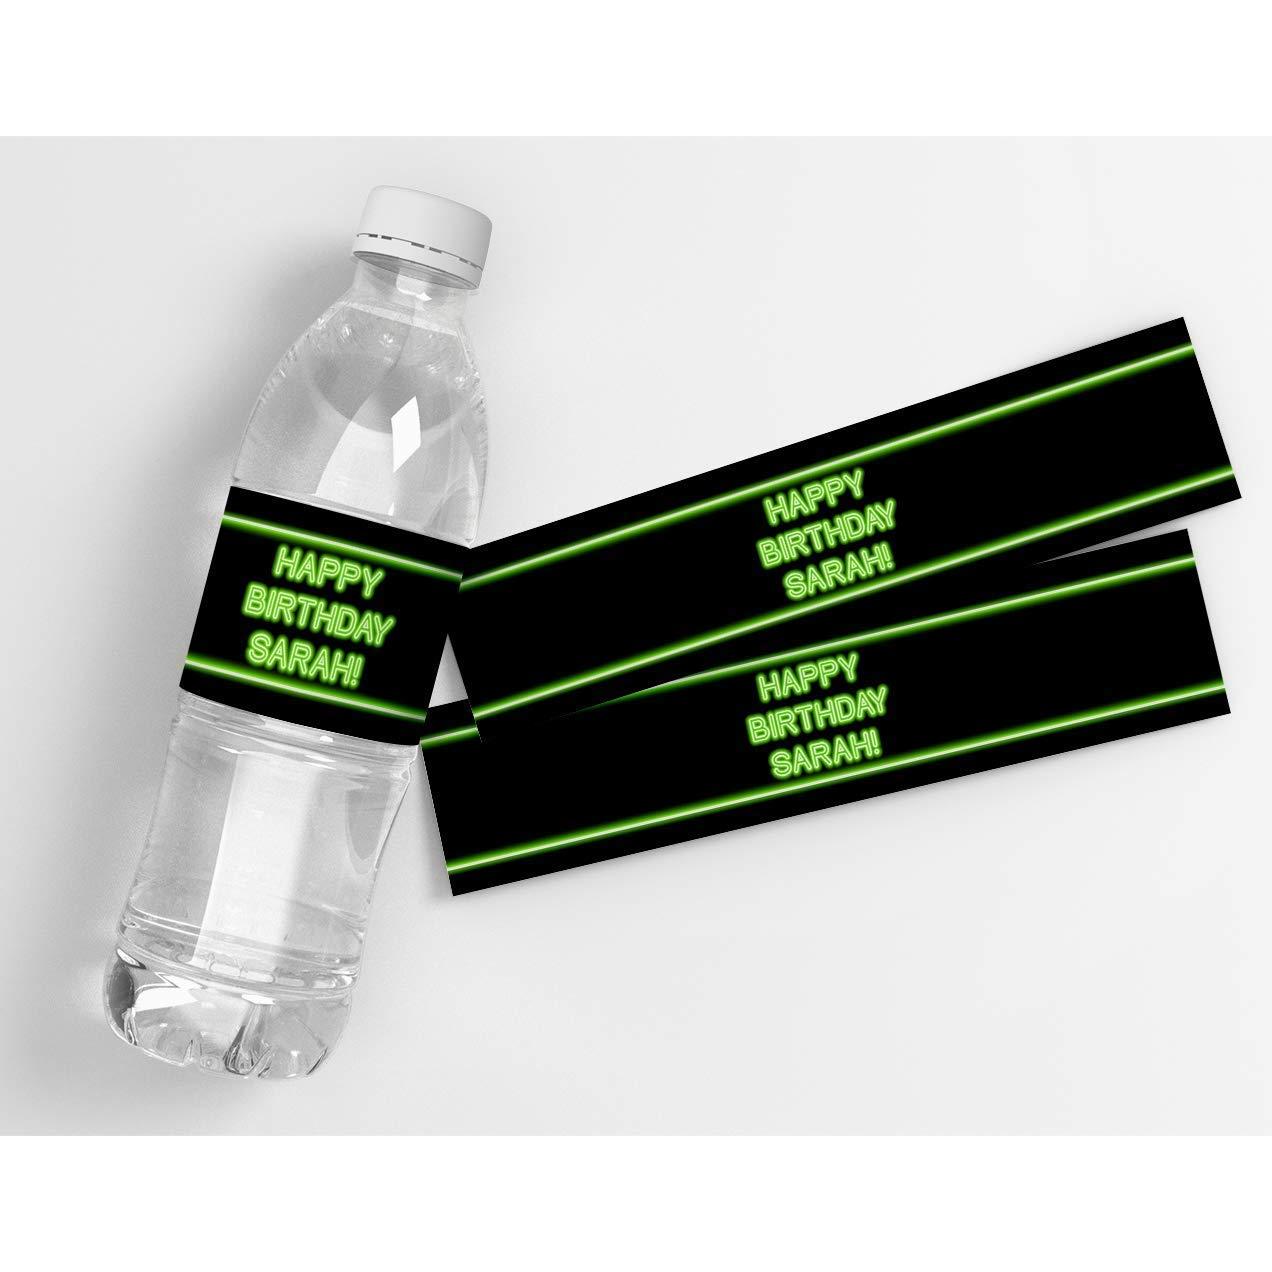 Glow Birthday Personalized Waterproof Water Bottle Labels